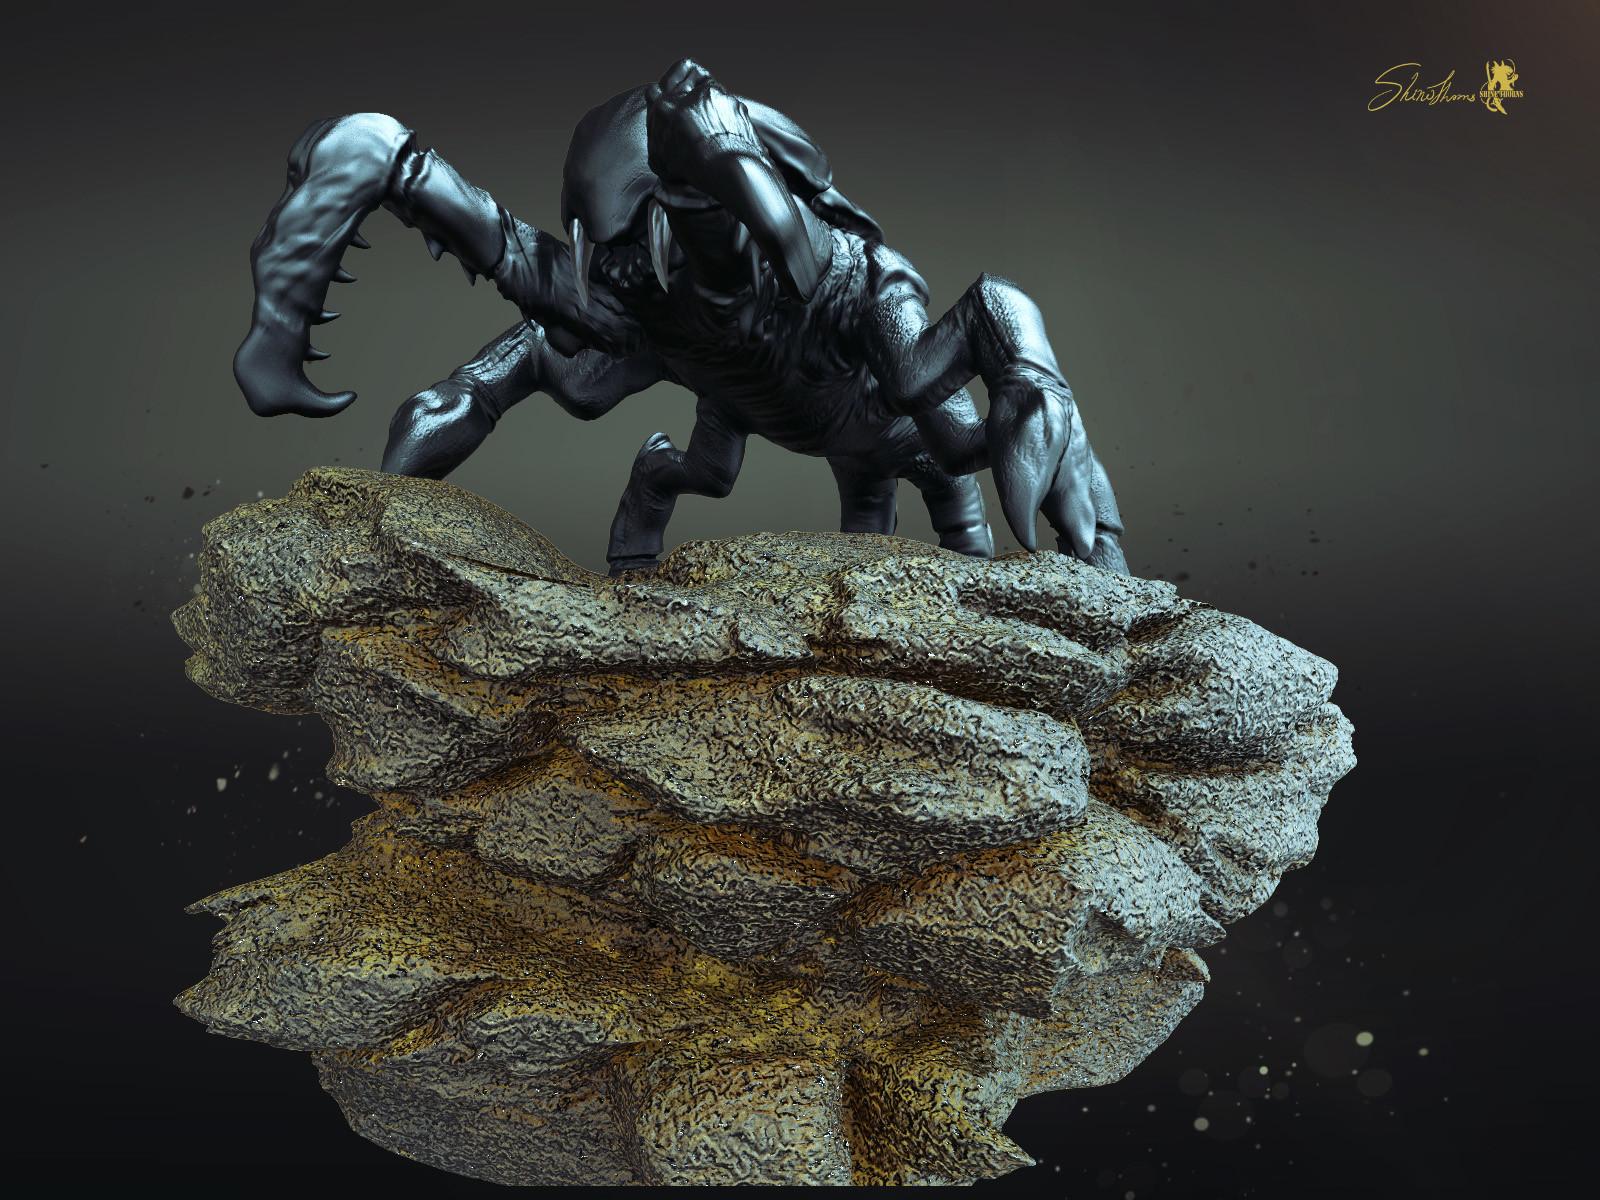 Scorpion Sculpting